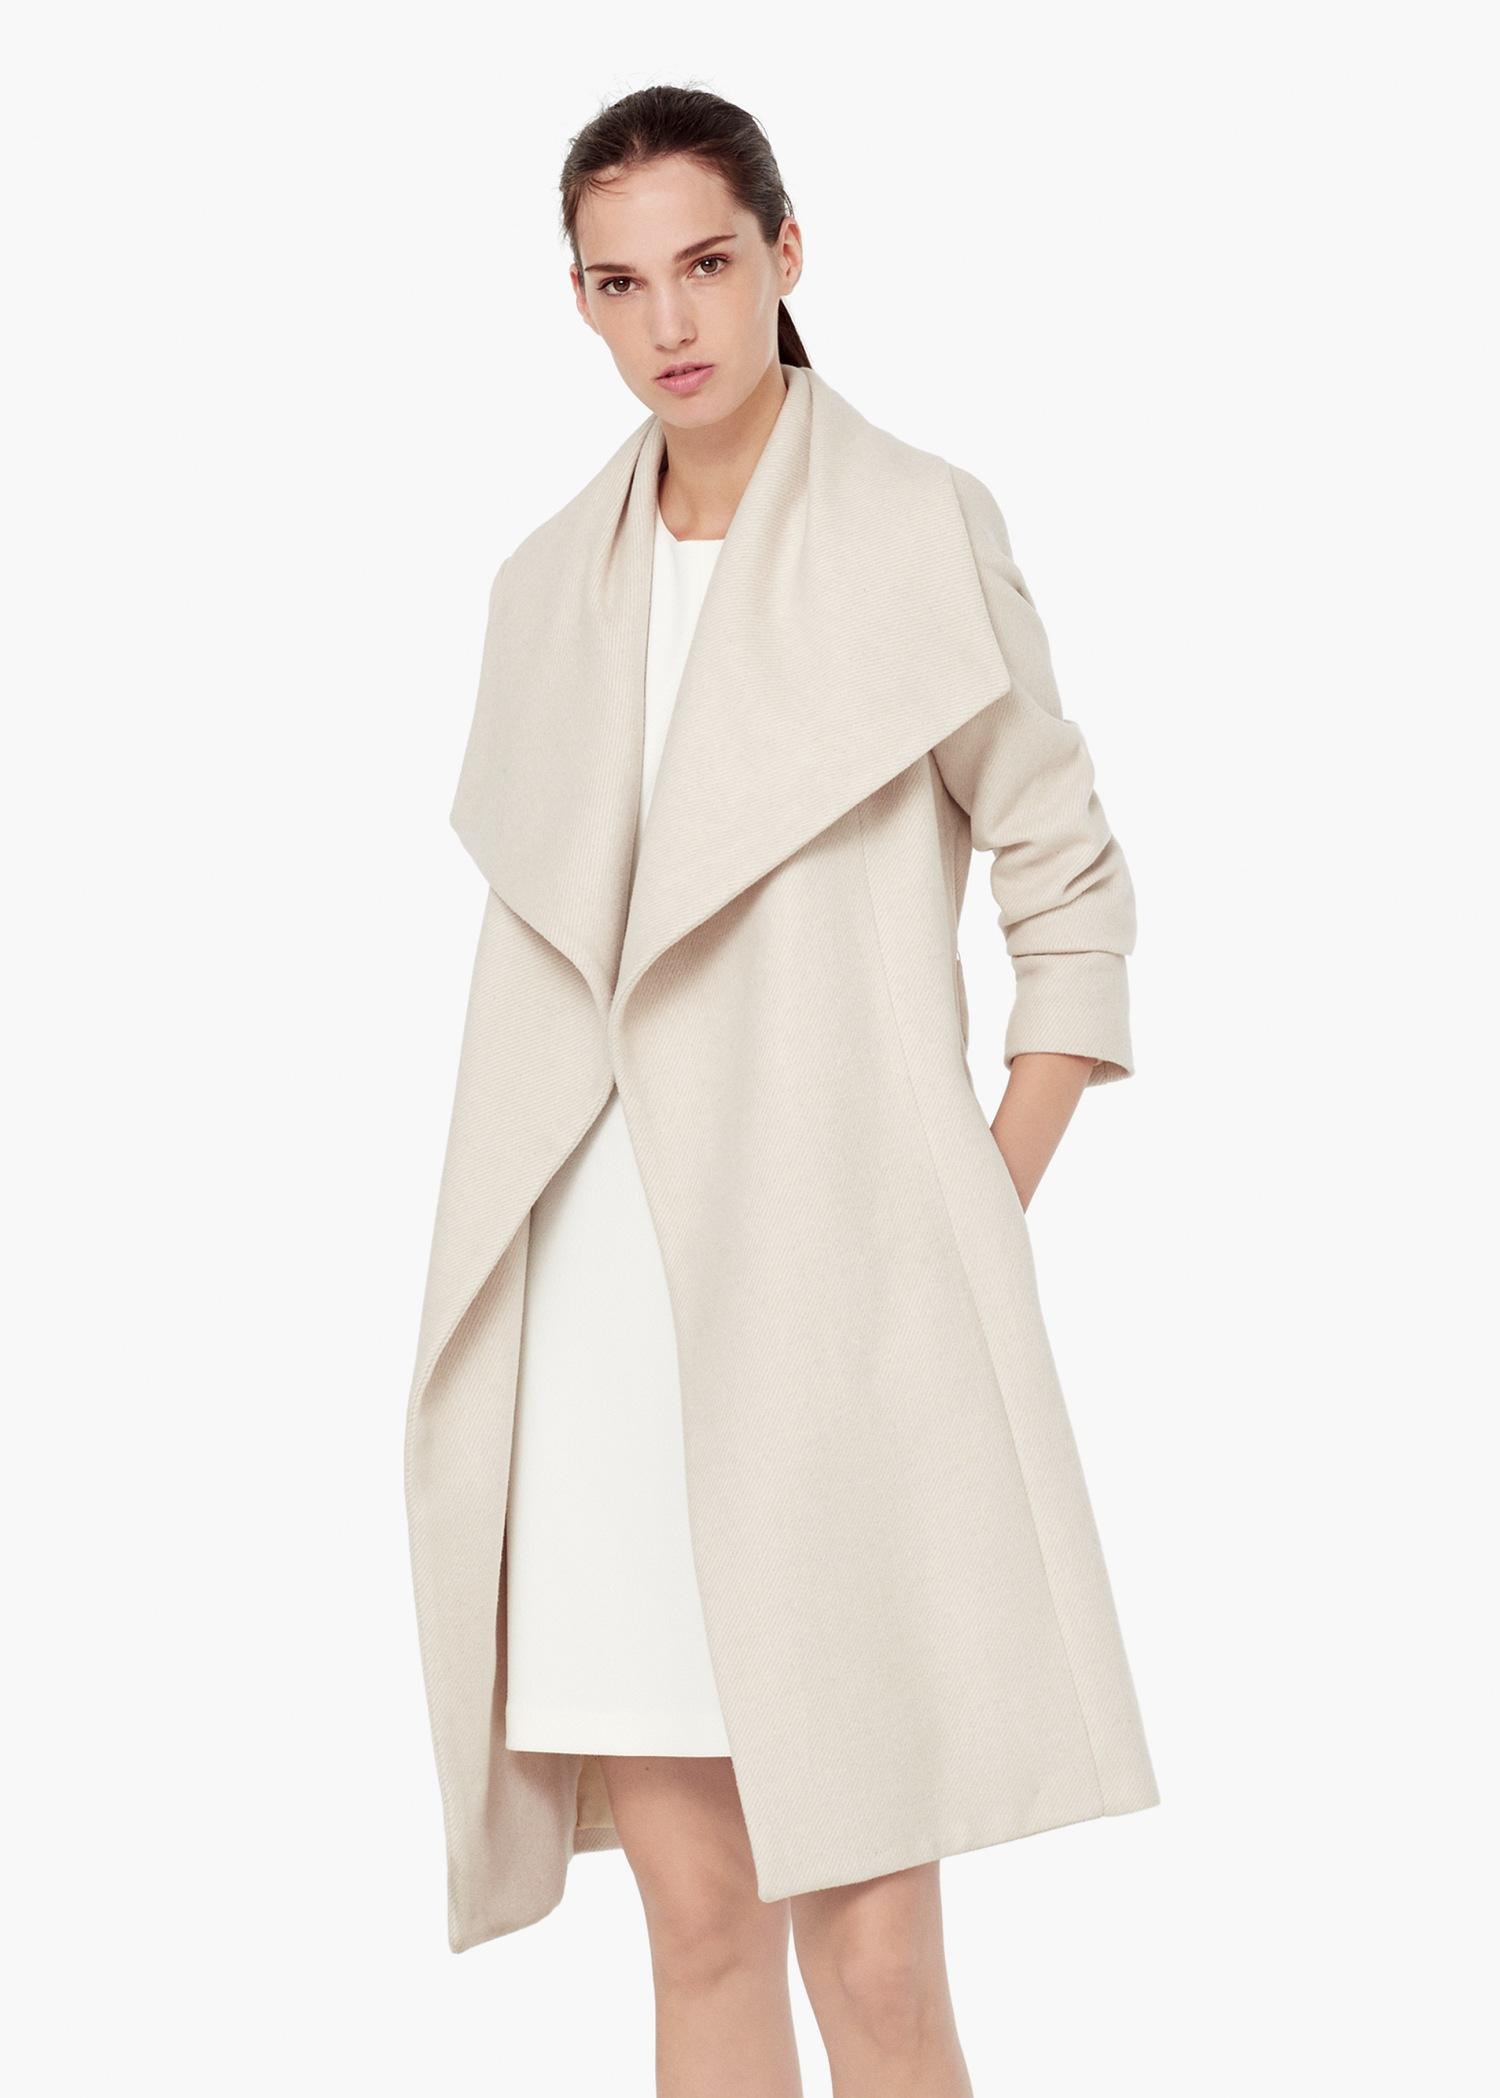 Mango Lapels Wool Coat in White | Lyst